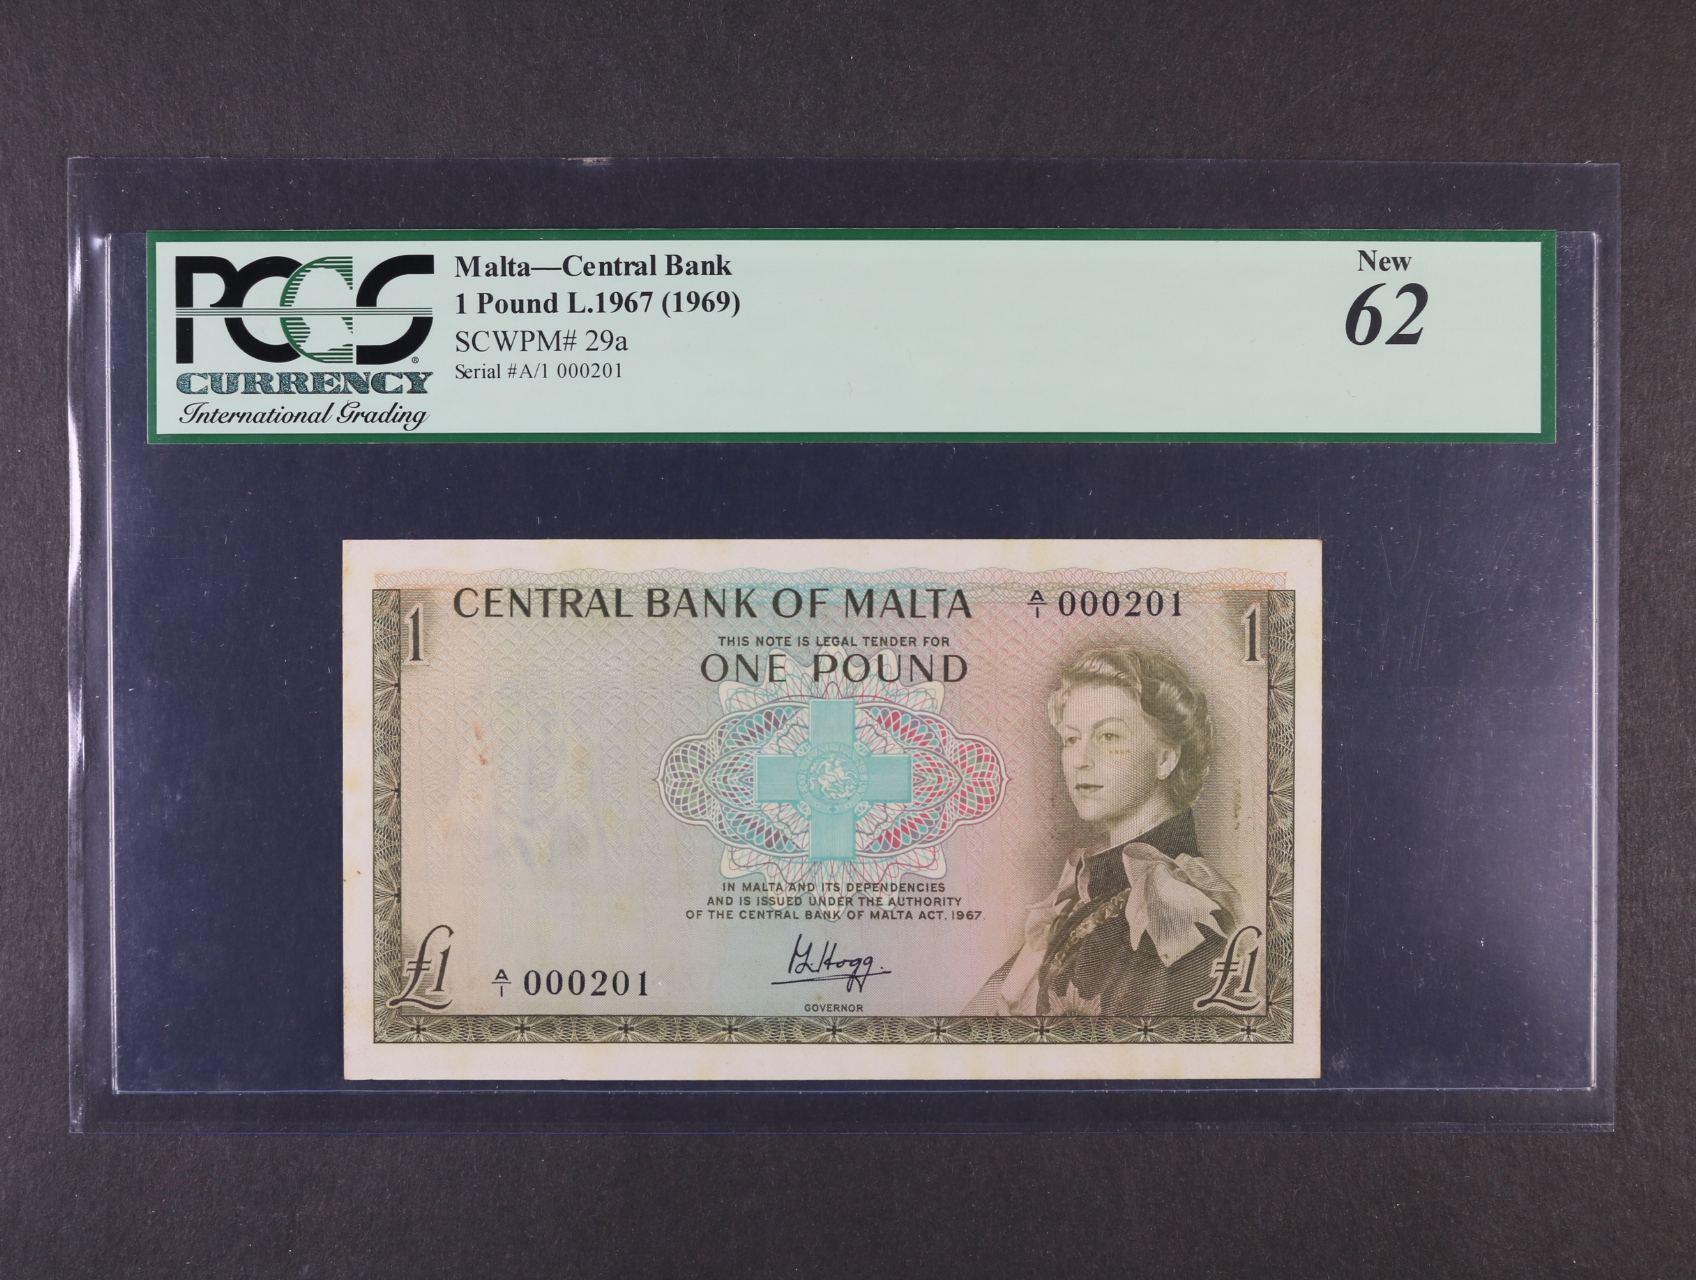 1 Pound 1967 (1969) série A/1 000201, Pi. 29a, PCGS 62